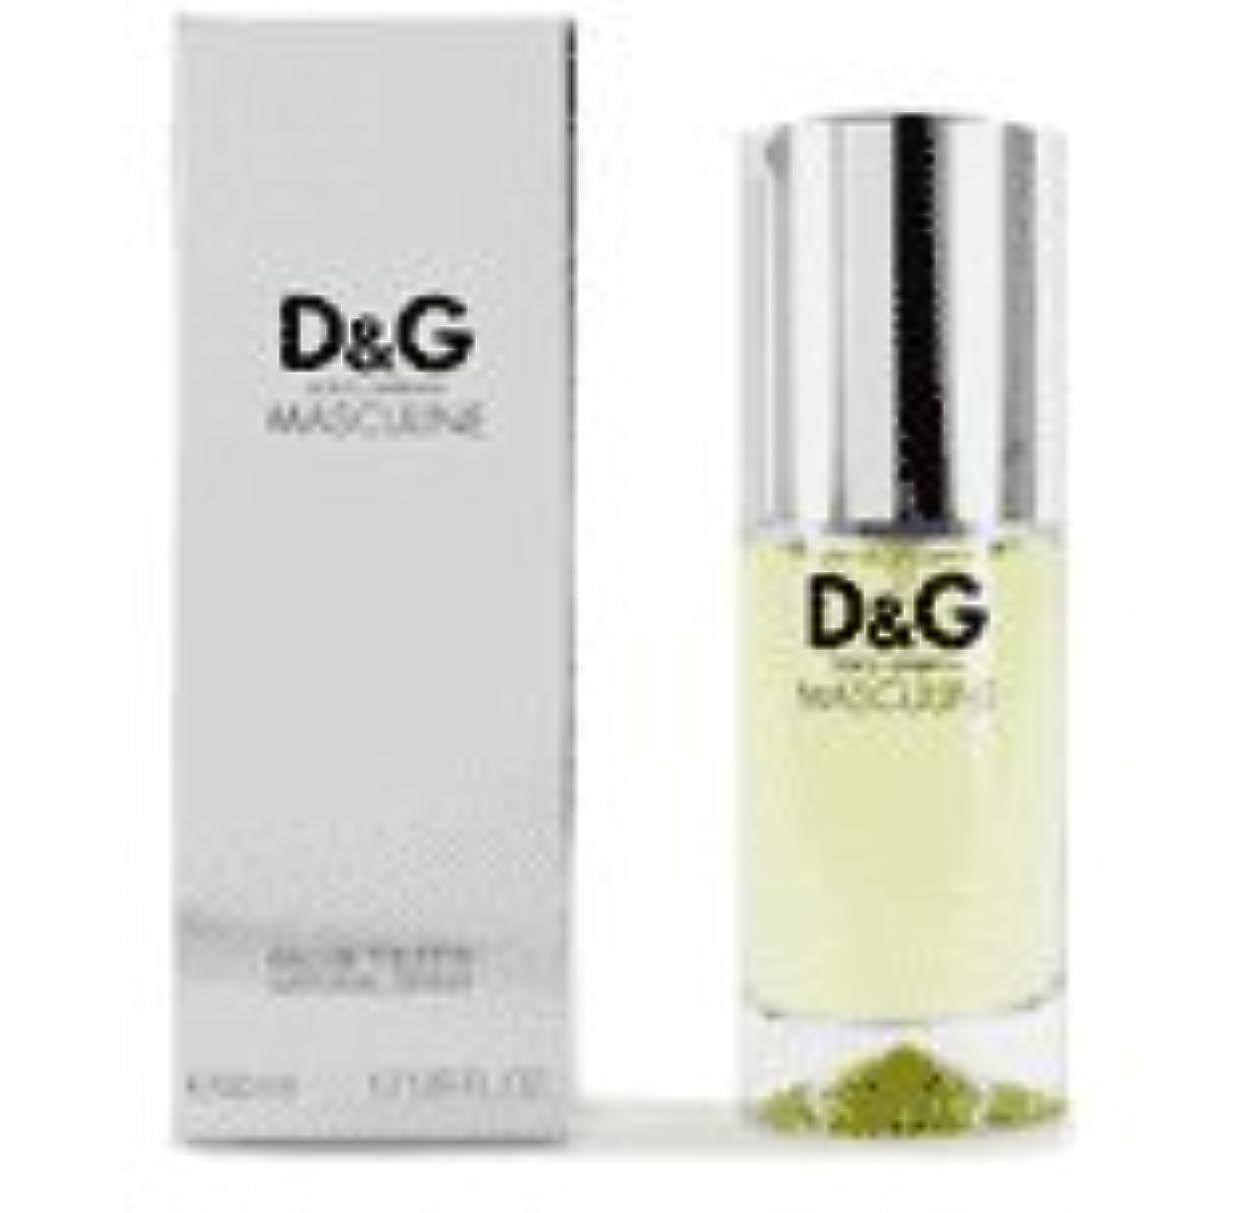 近所の選択する恥ずかしさD & G Masculine (D&G マスキュライン) 3.4 oz (100ml) EDT Spray for Men